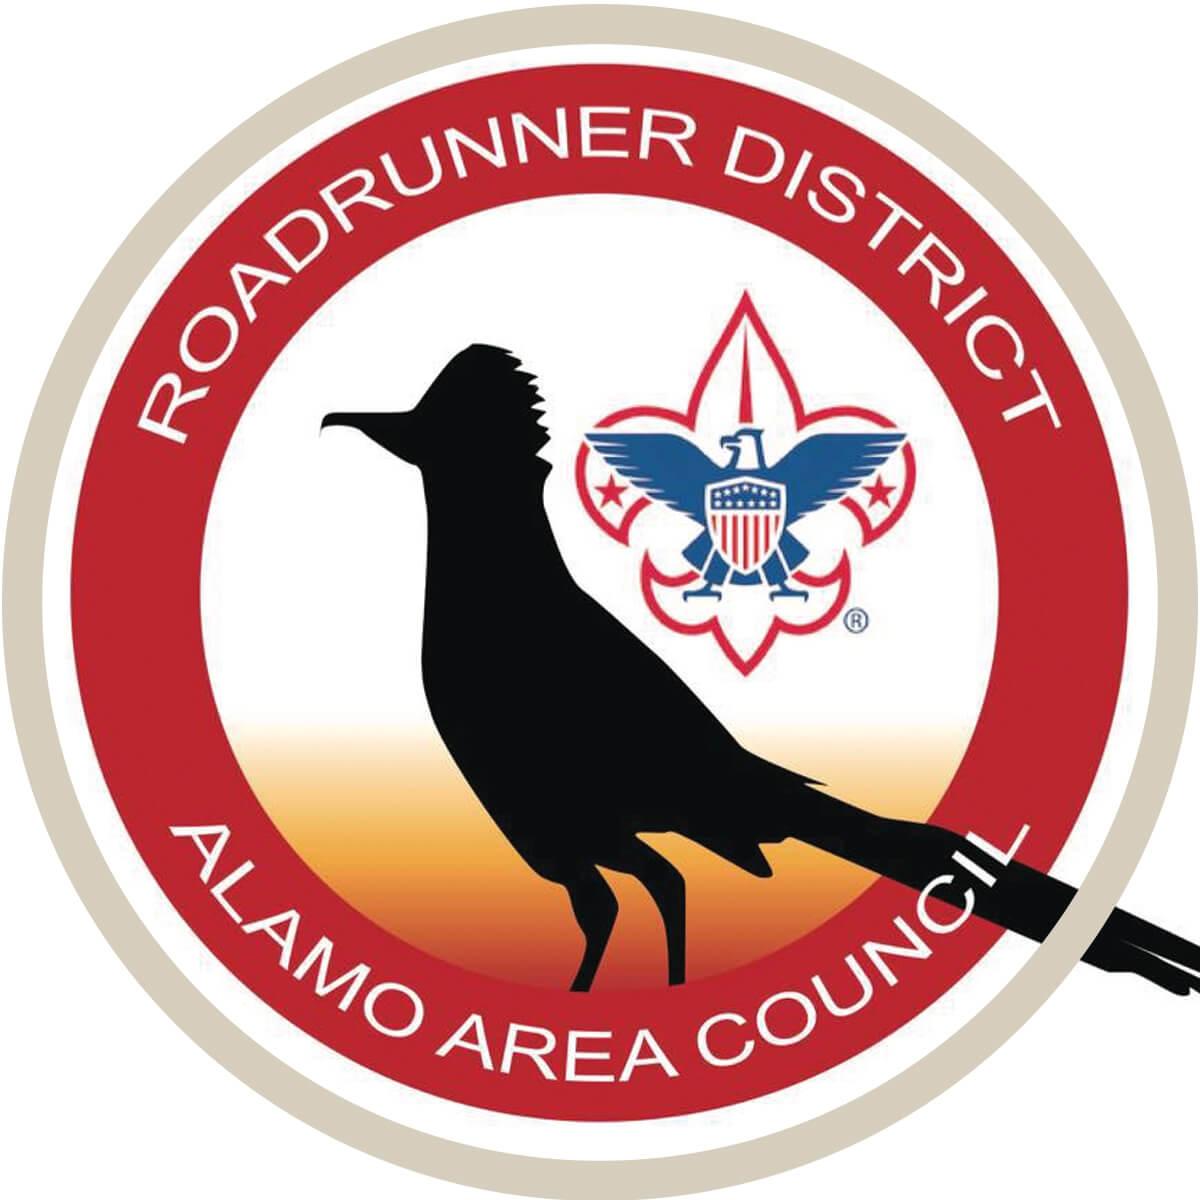 Roadrunner Logo in mask